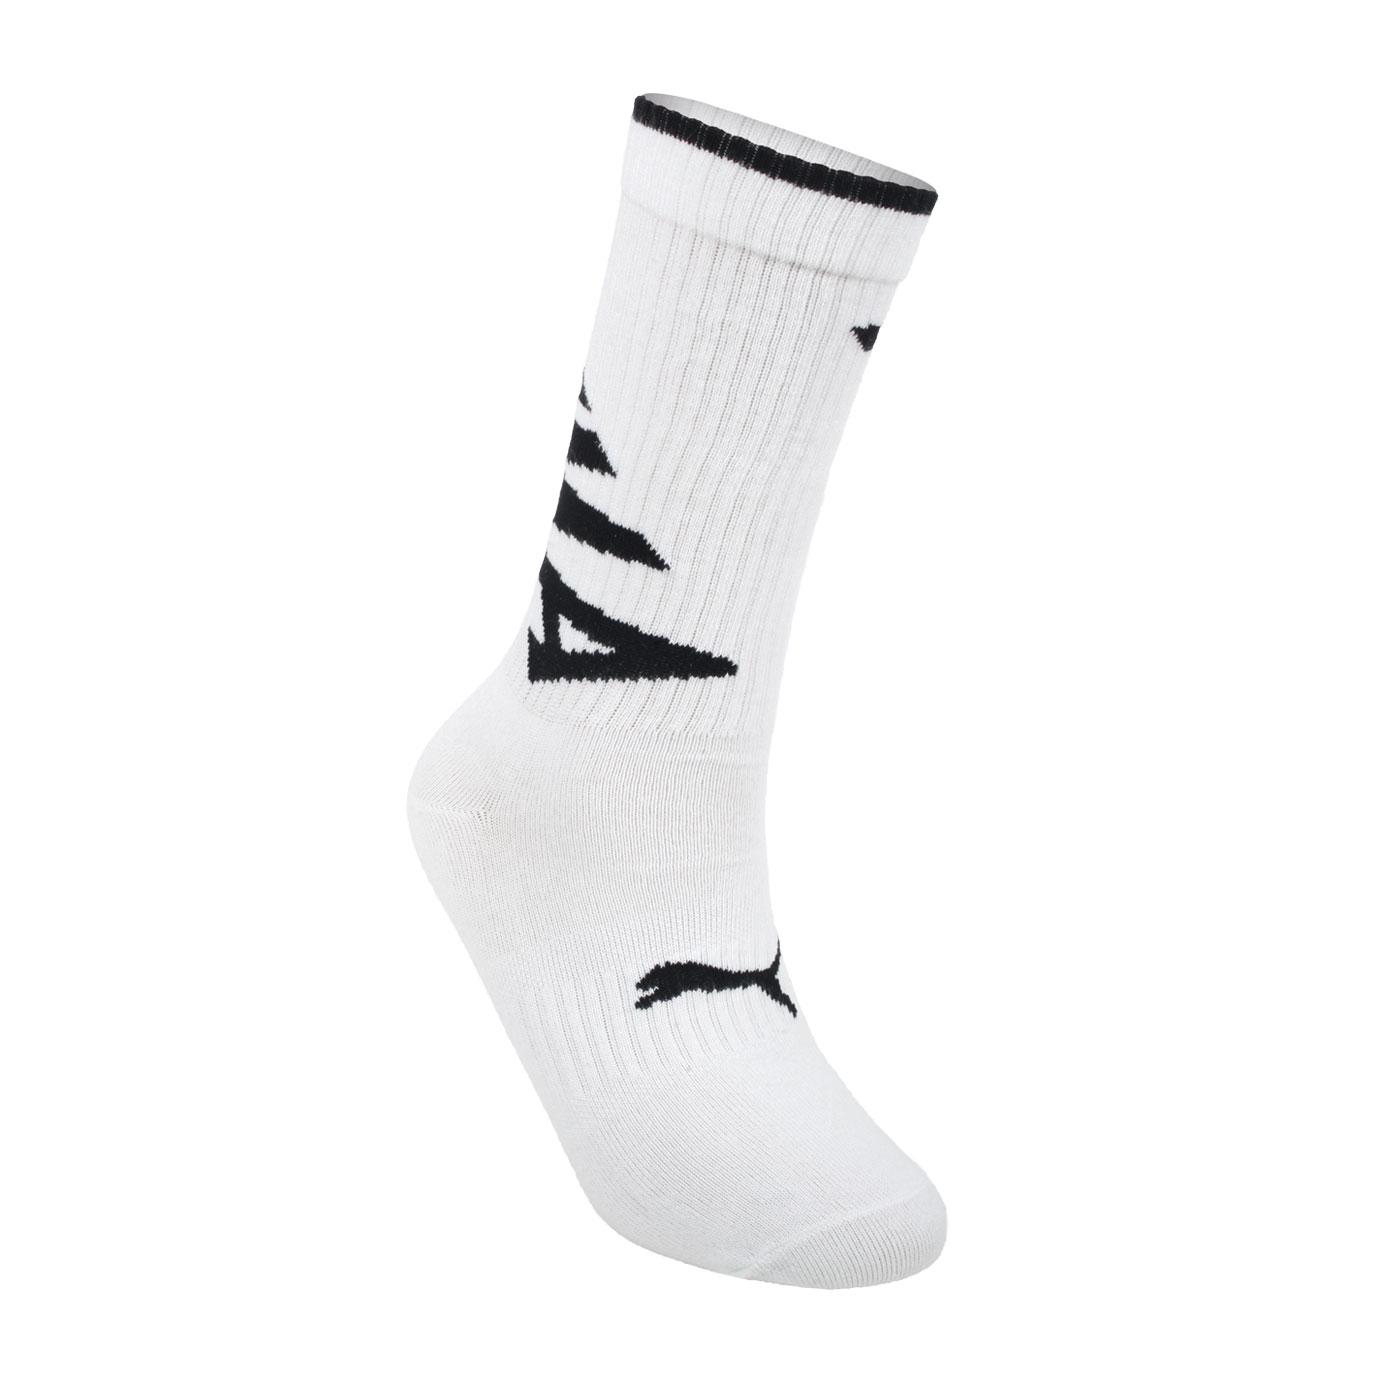 PUMA Fashion斜體半統襪 BB115201 - 白黑